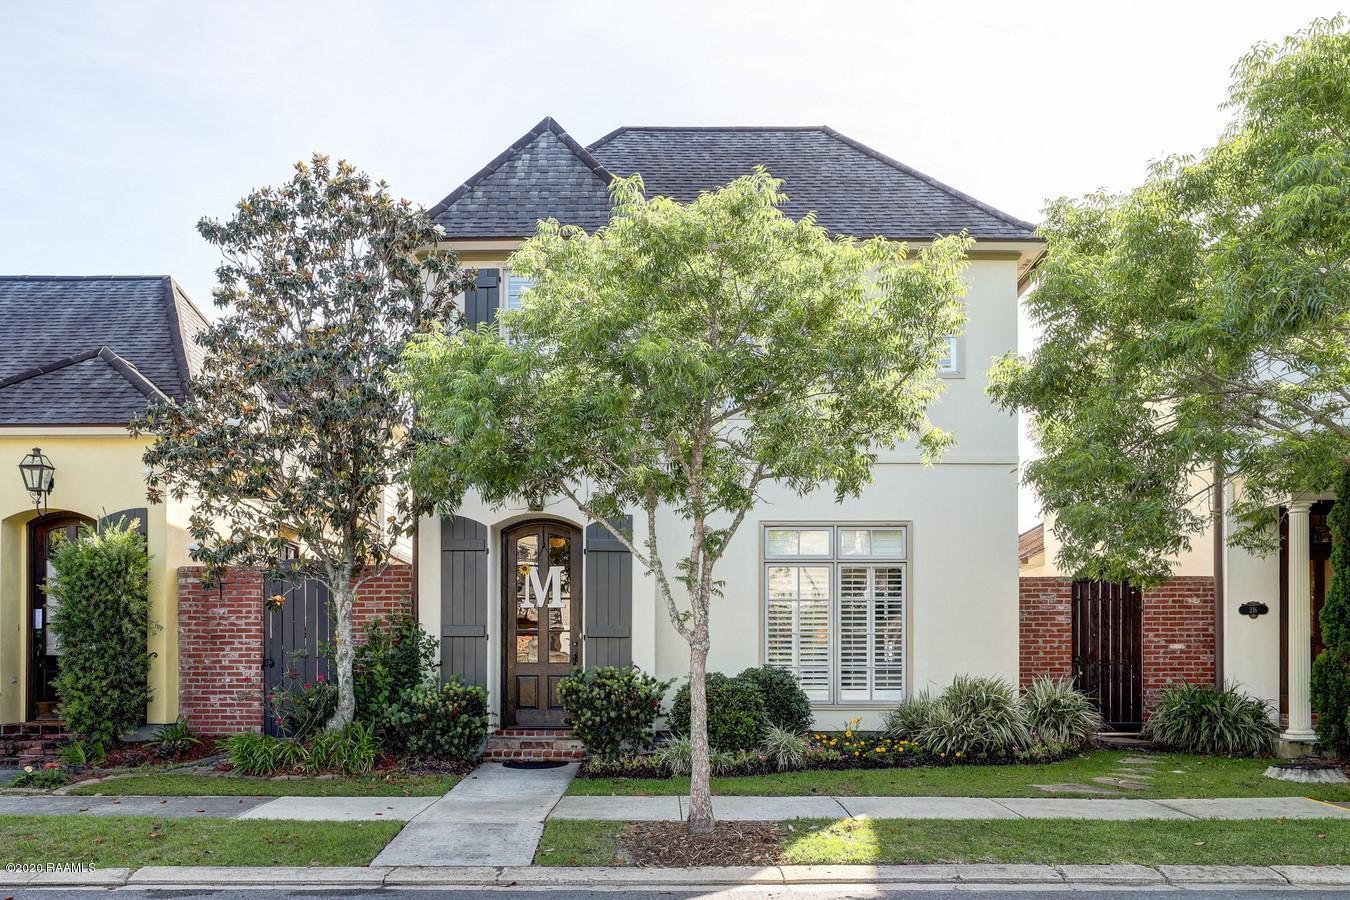 218 Elysian Fields Drive, Lafayette, LA 70508 Photo #1